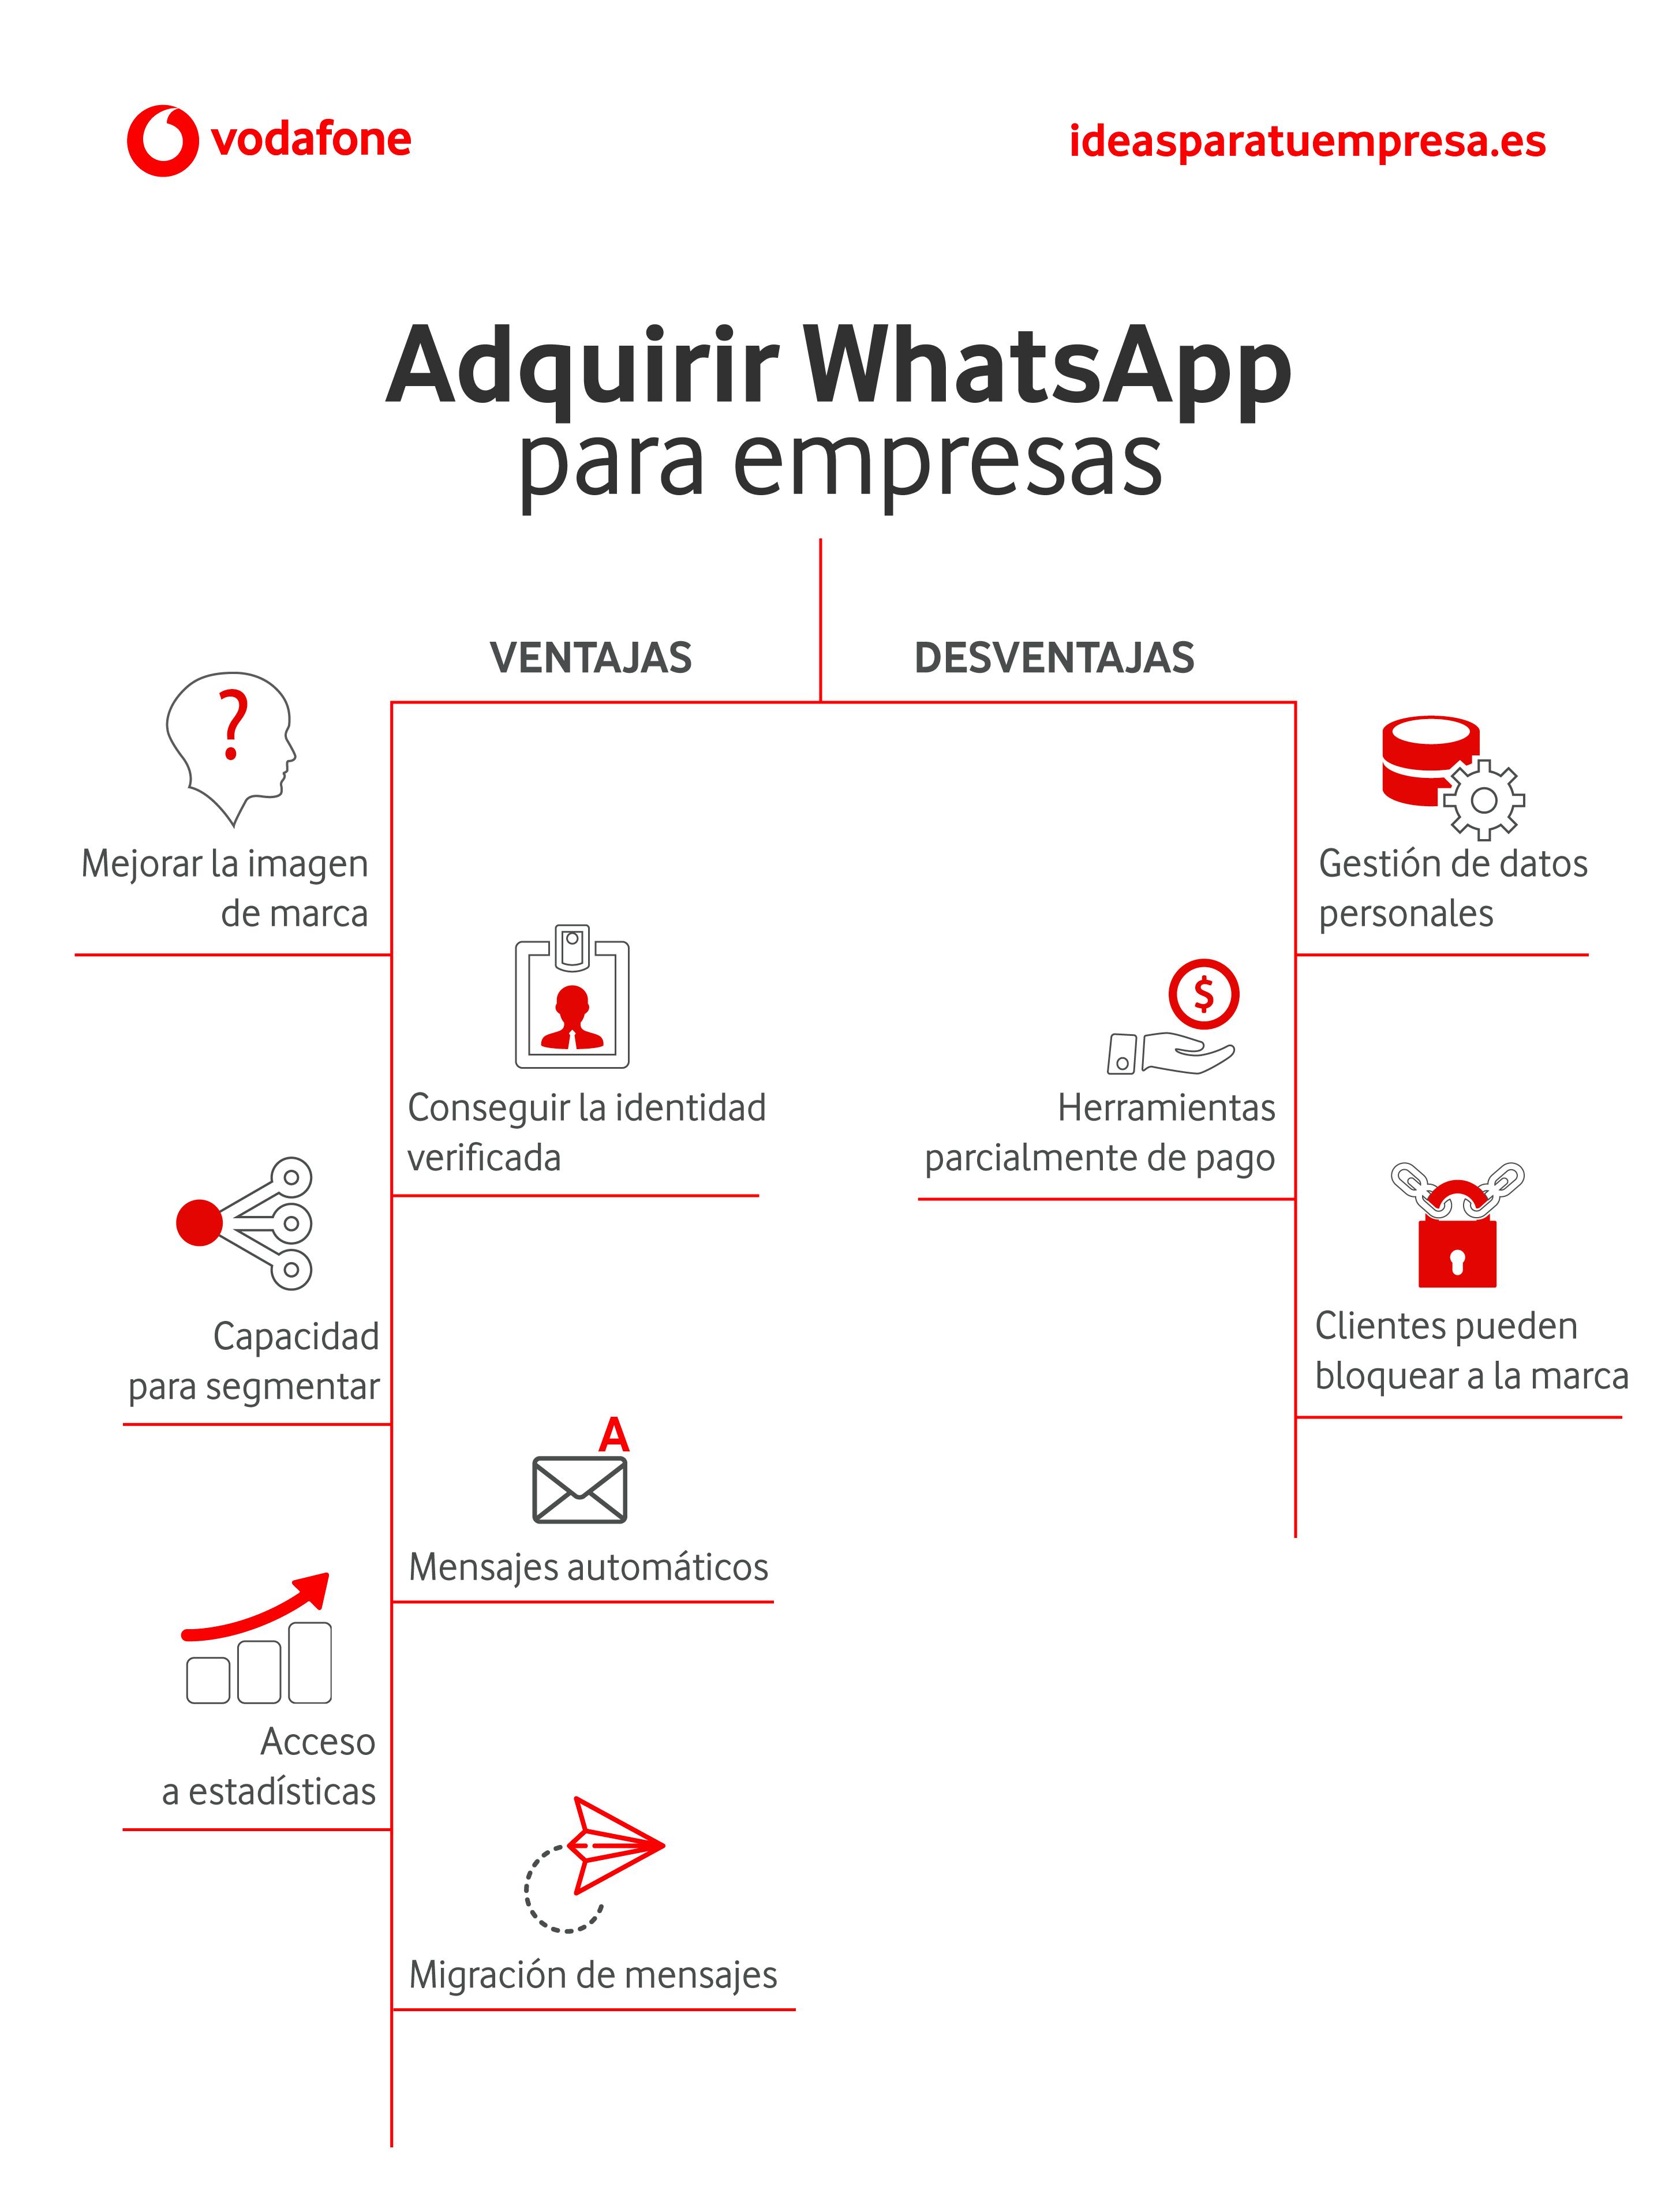 Ventajas y desventajas de WhatsApp para empresas